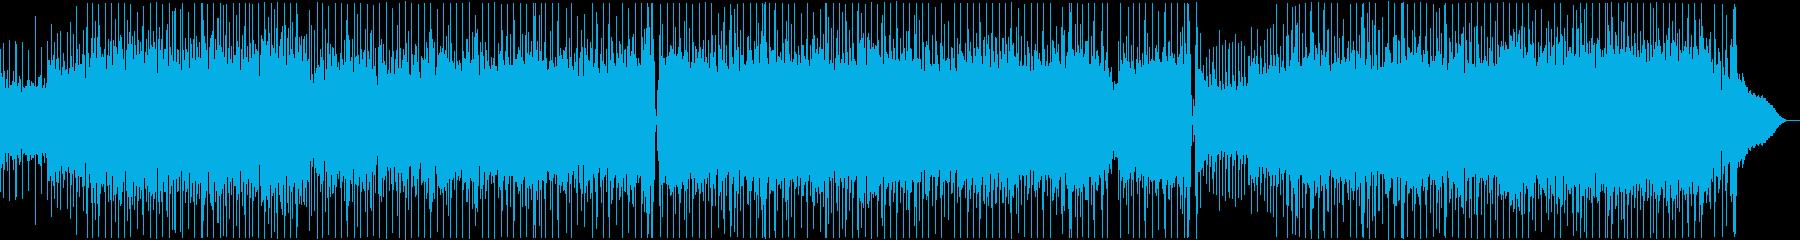 明るい雰囲気のインディーロック楽曲の再生済みの波形